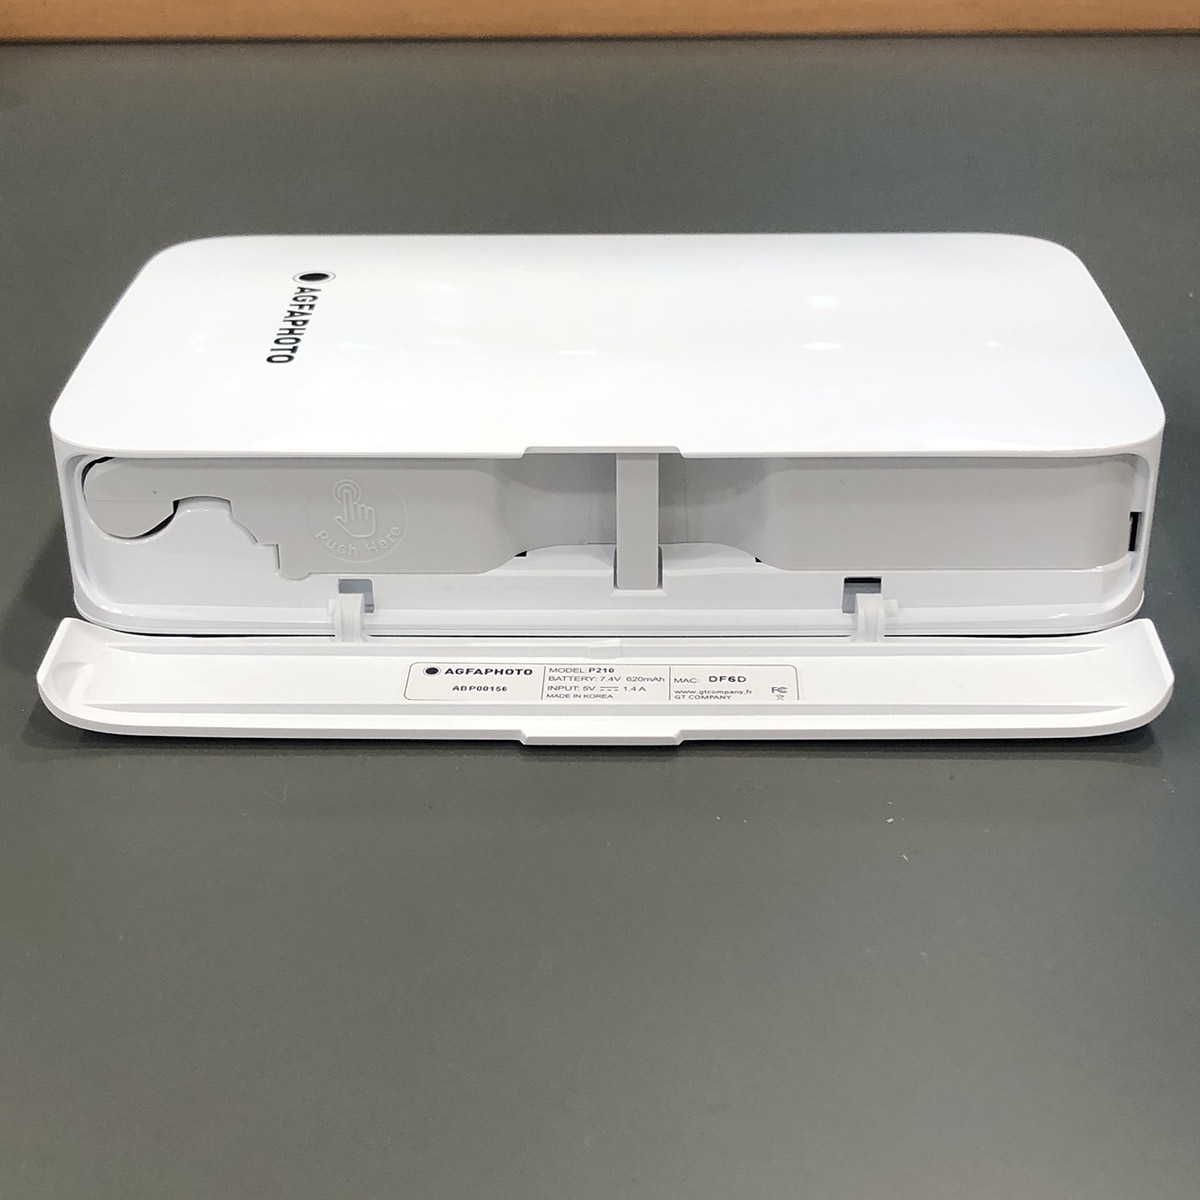 پرینتر چاپ عکس آگفافوتو مدل Realipix Mini P